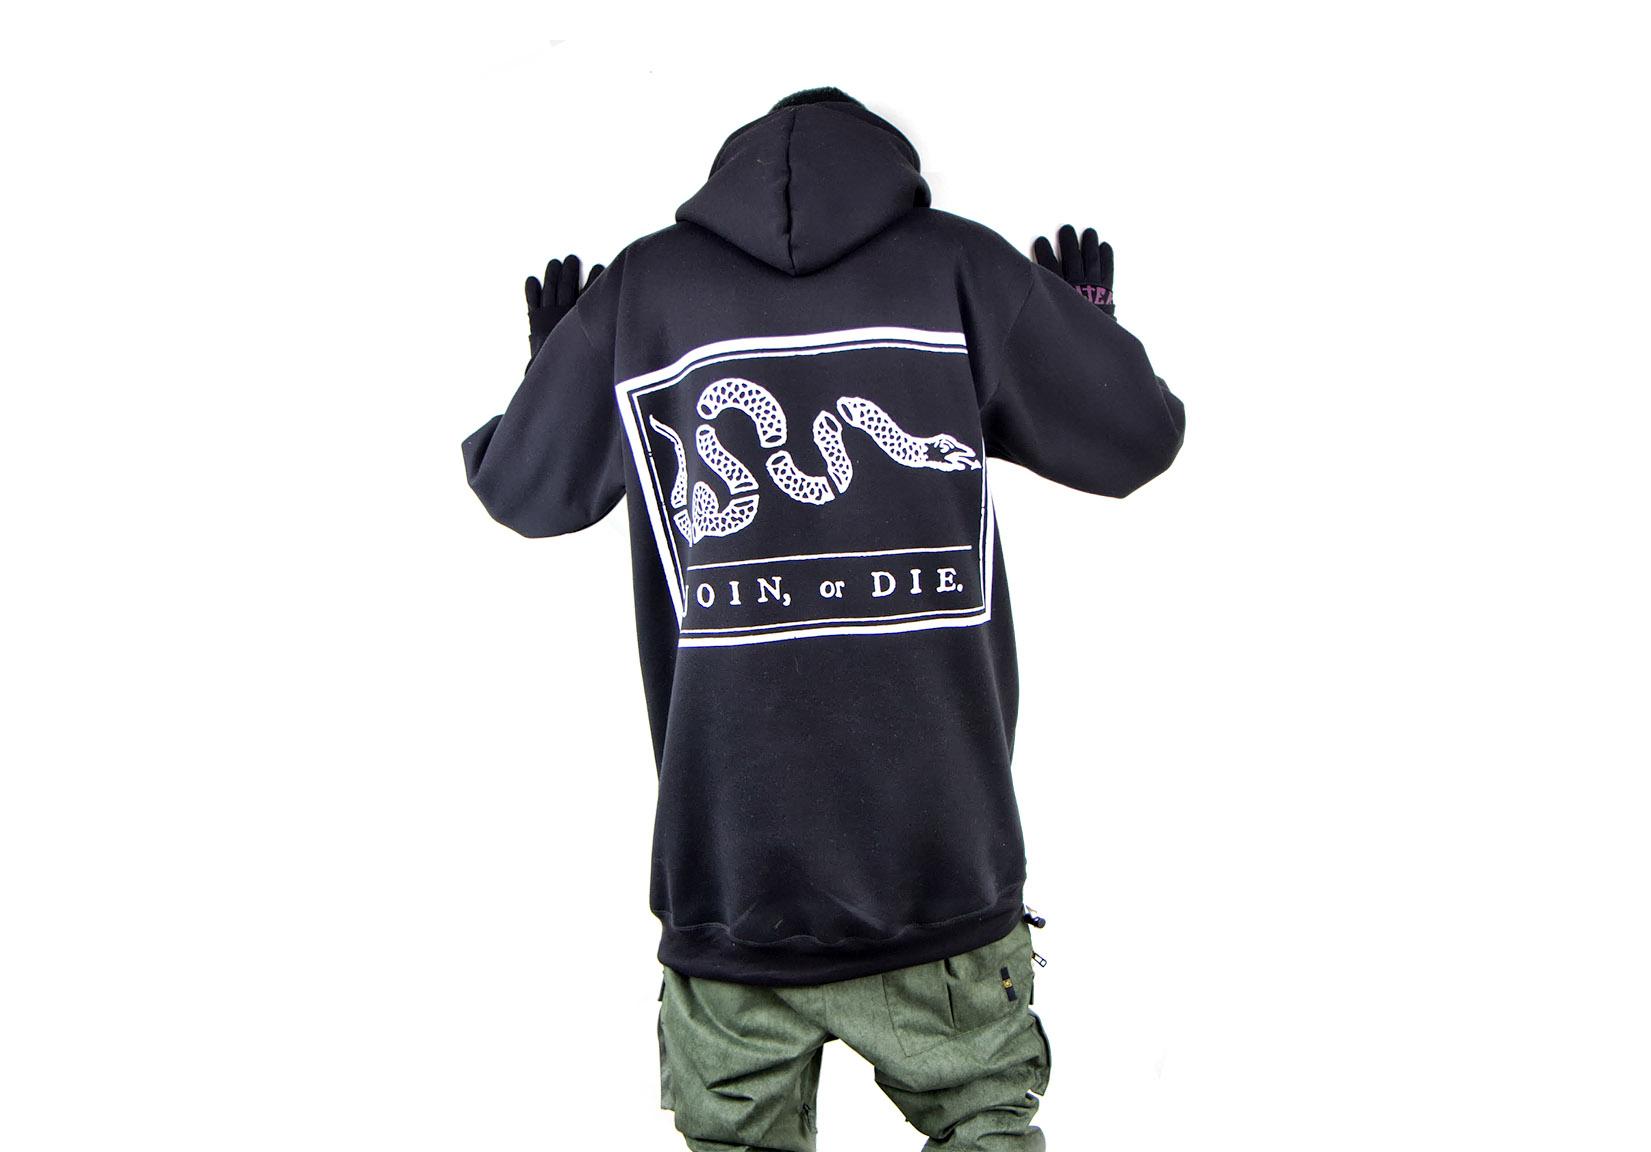 2013-07-04 Hoody Prints All-in-one - Black Join or Die.jpg